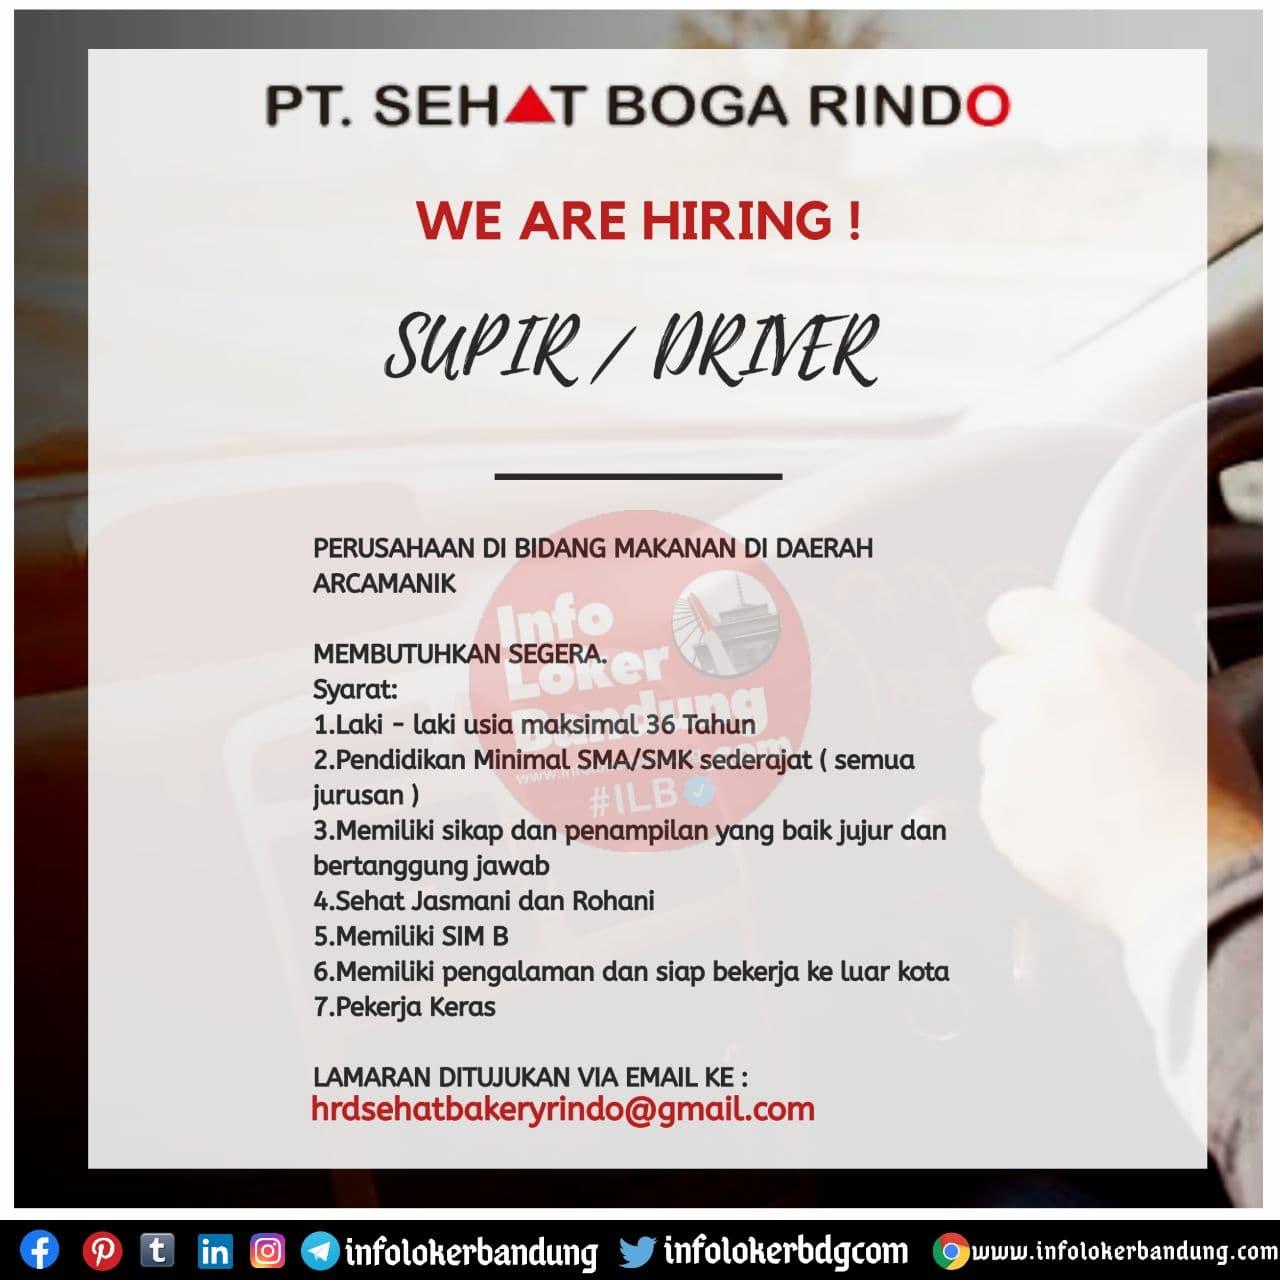 Lowongan Kerja Supir PT. Sehat Boga Rindo Bandung November 2020